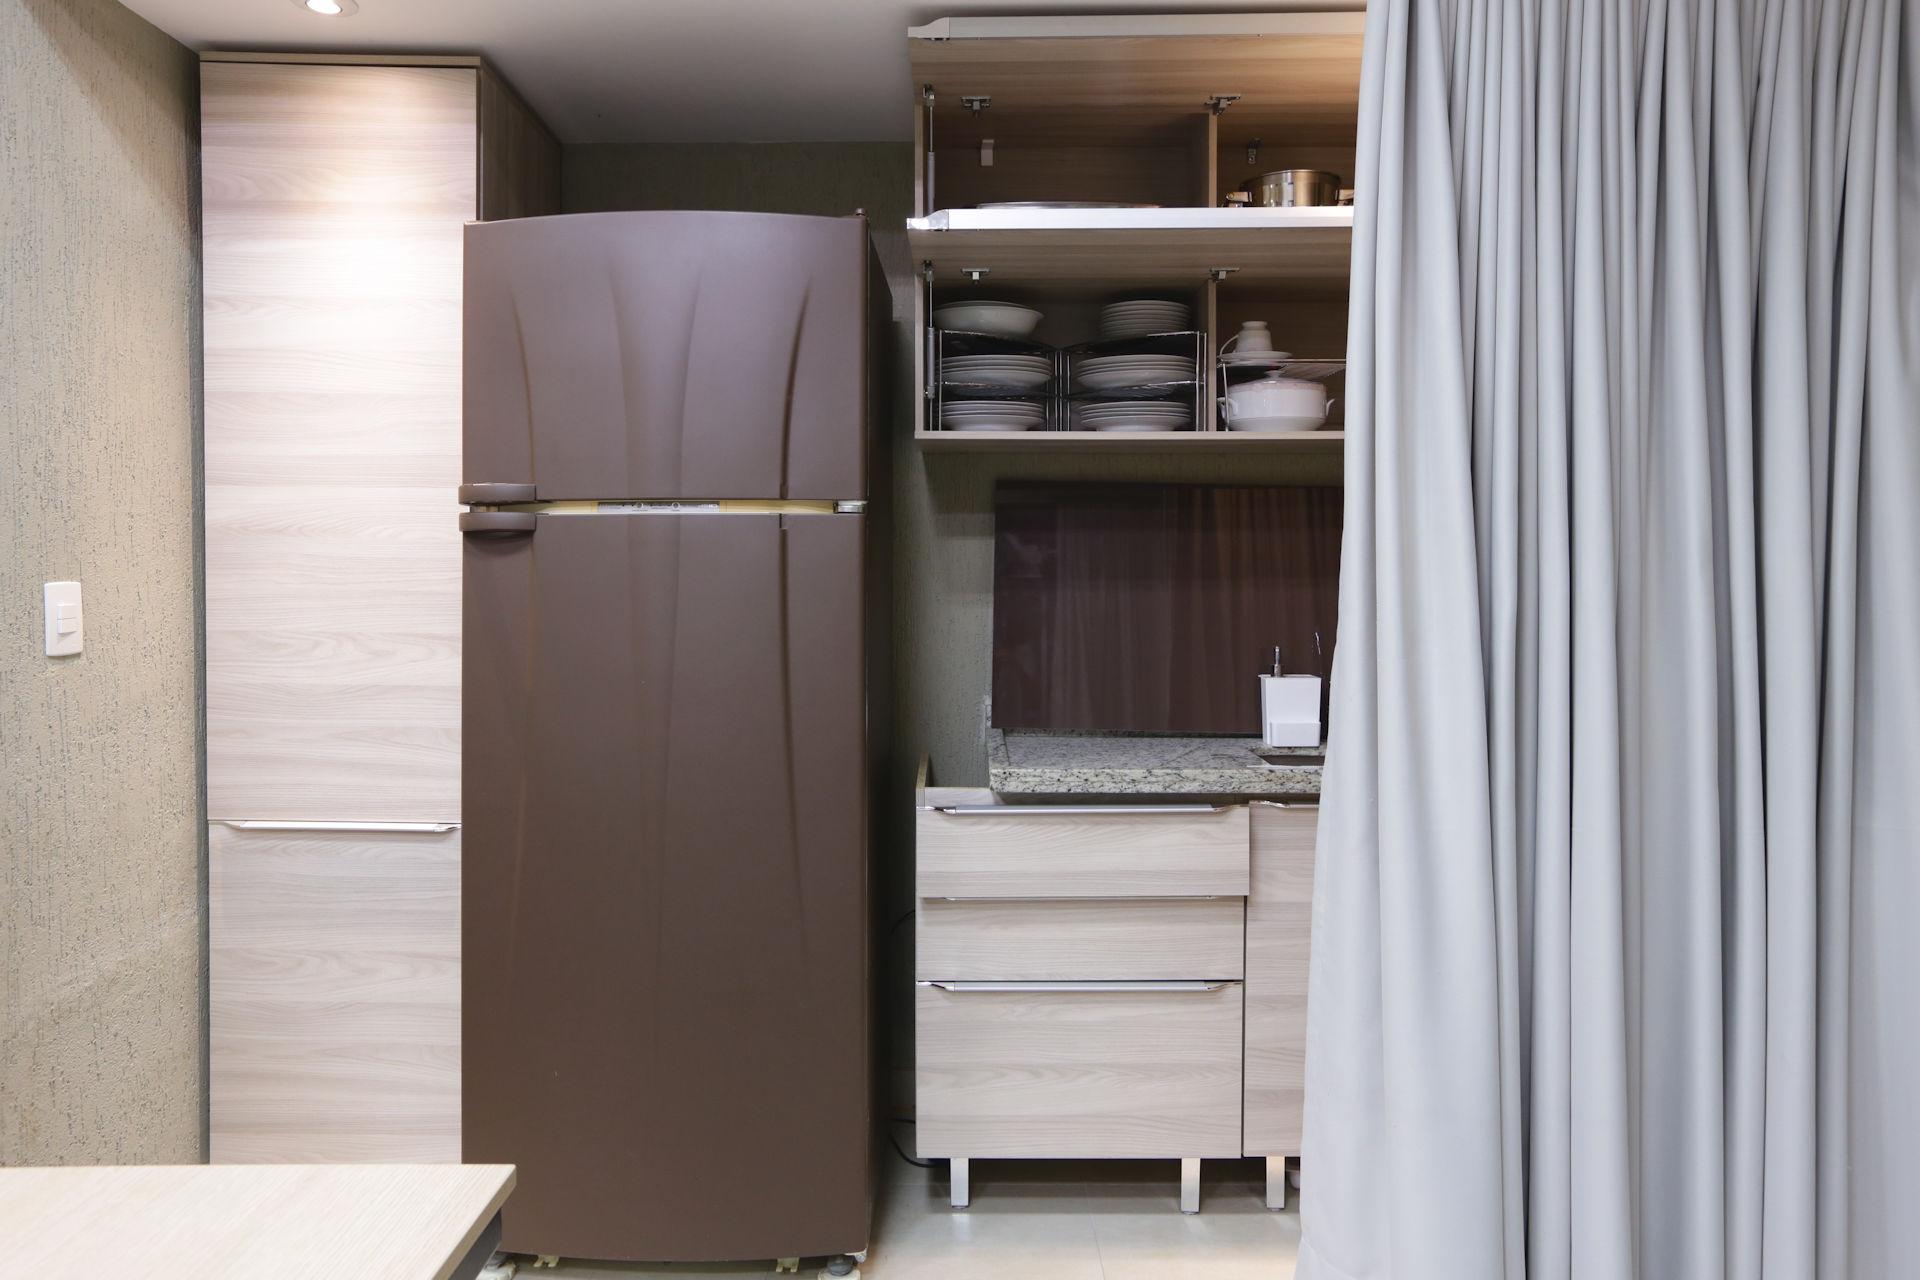 Teórico: Cozinha, Área de Serviço e Banheiro